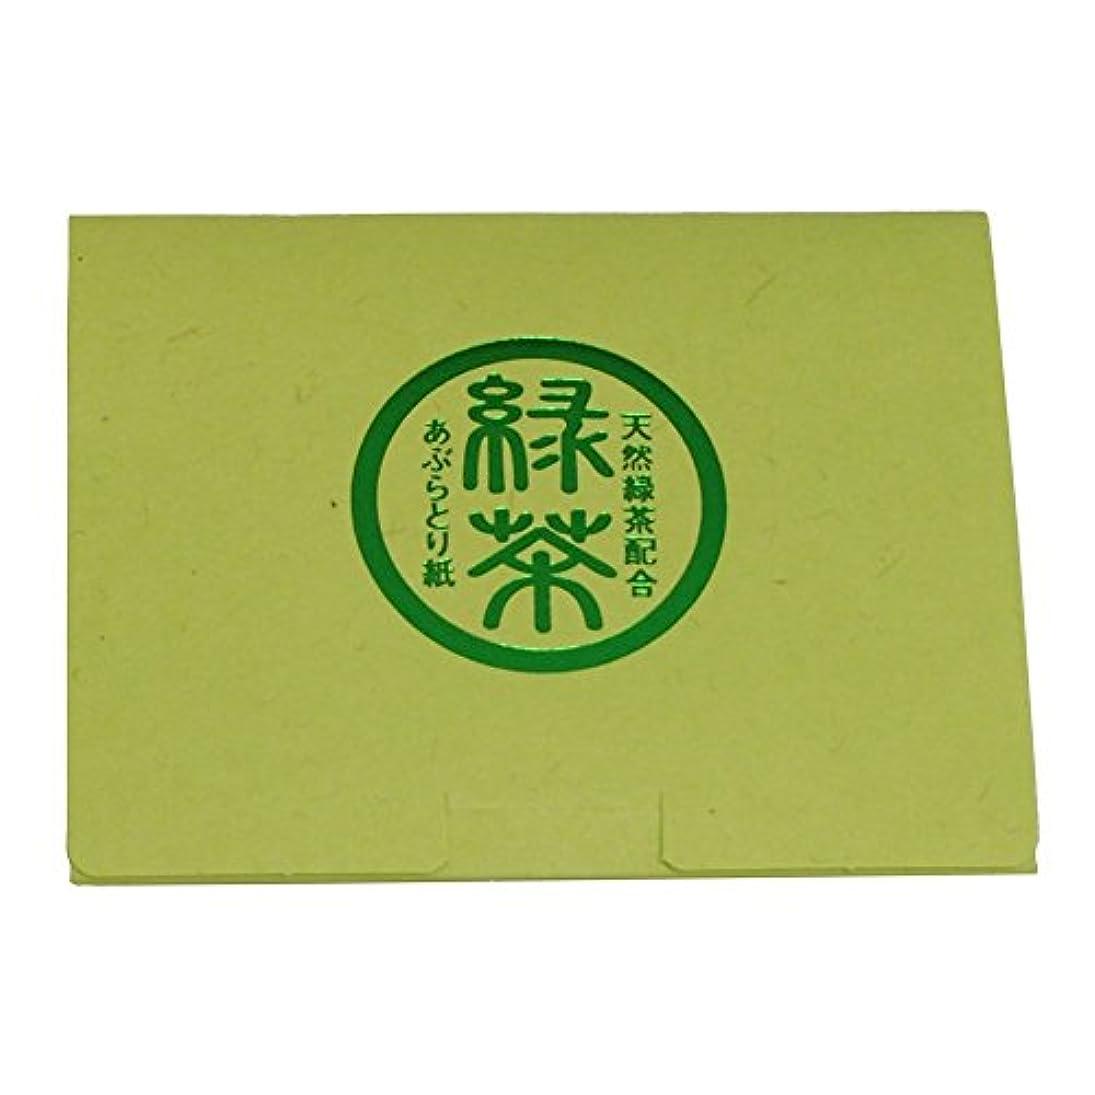 放射する胸数値米長 天然緑茶配合 あぶらとり紙 高級 日本製 100枚入り